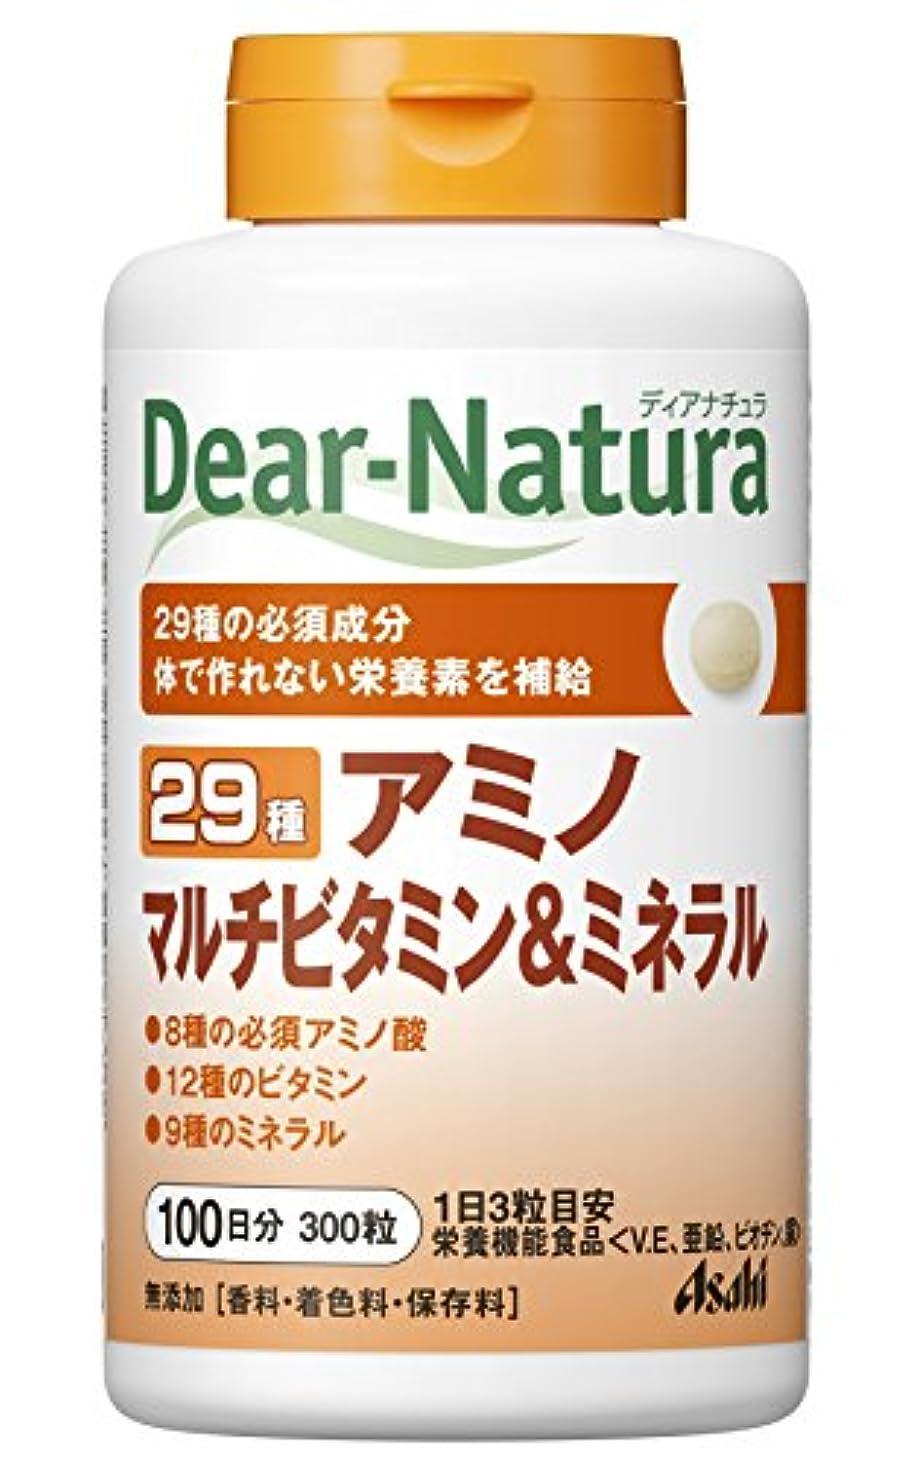 直立説明的通常ディアナチュラ 29アミノ マルチビタミン&ミネラル 300粒 (100日分)